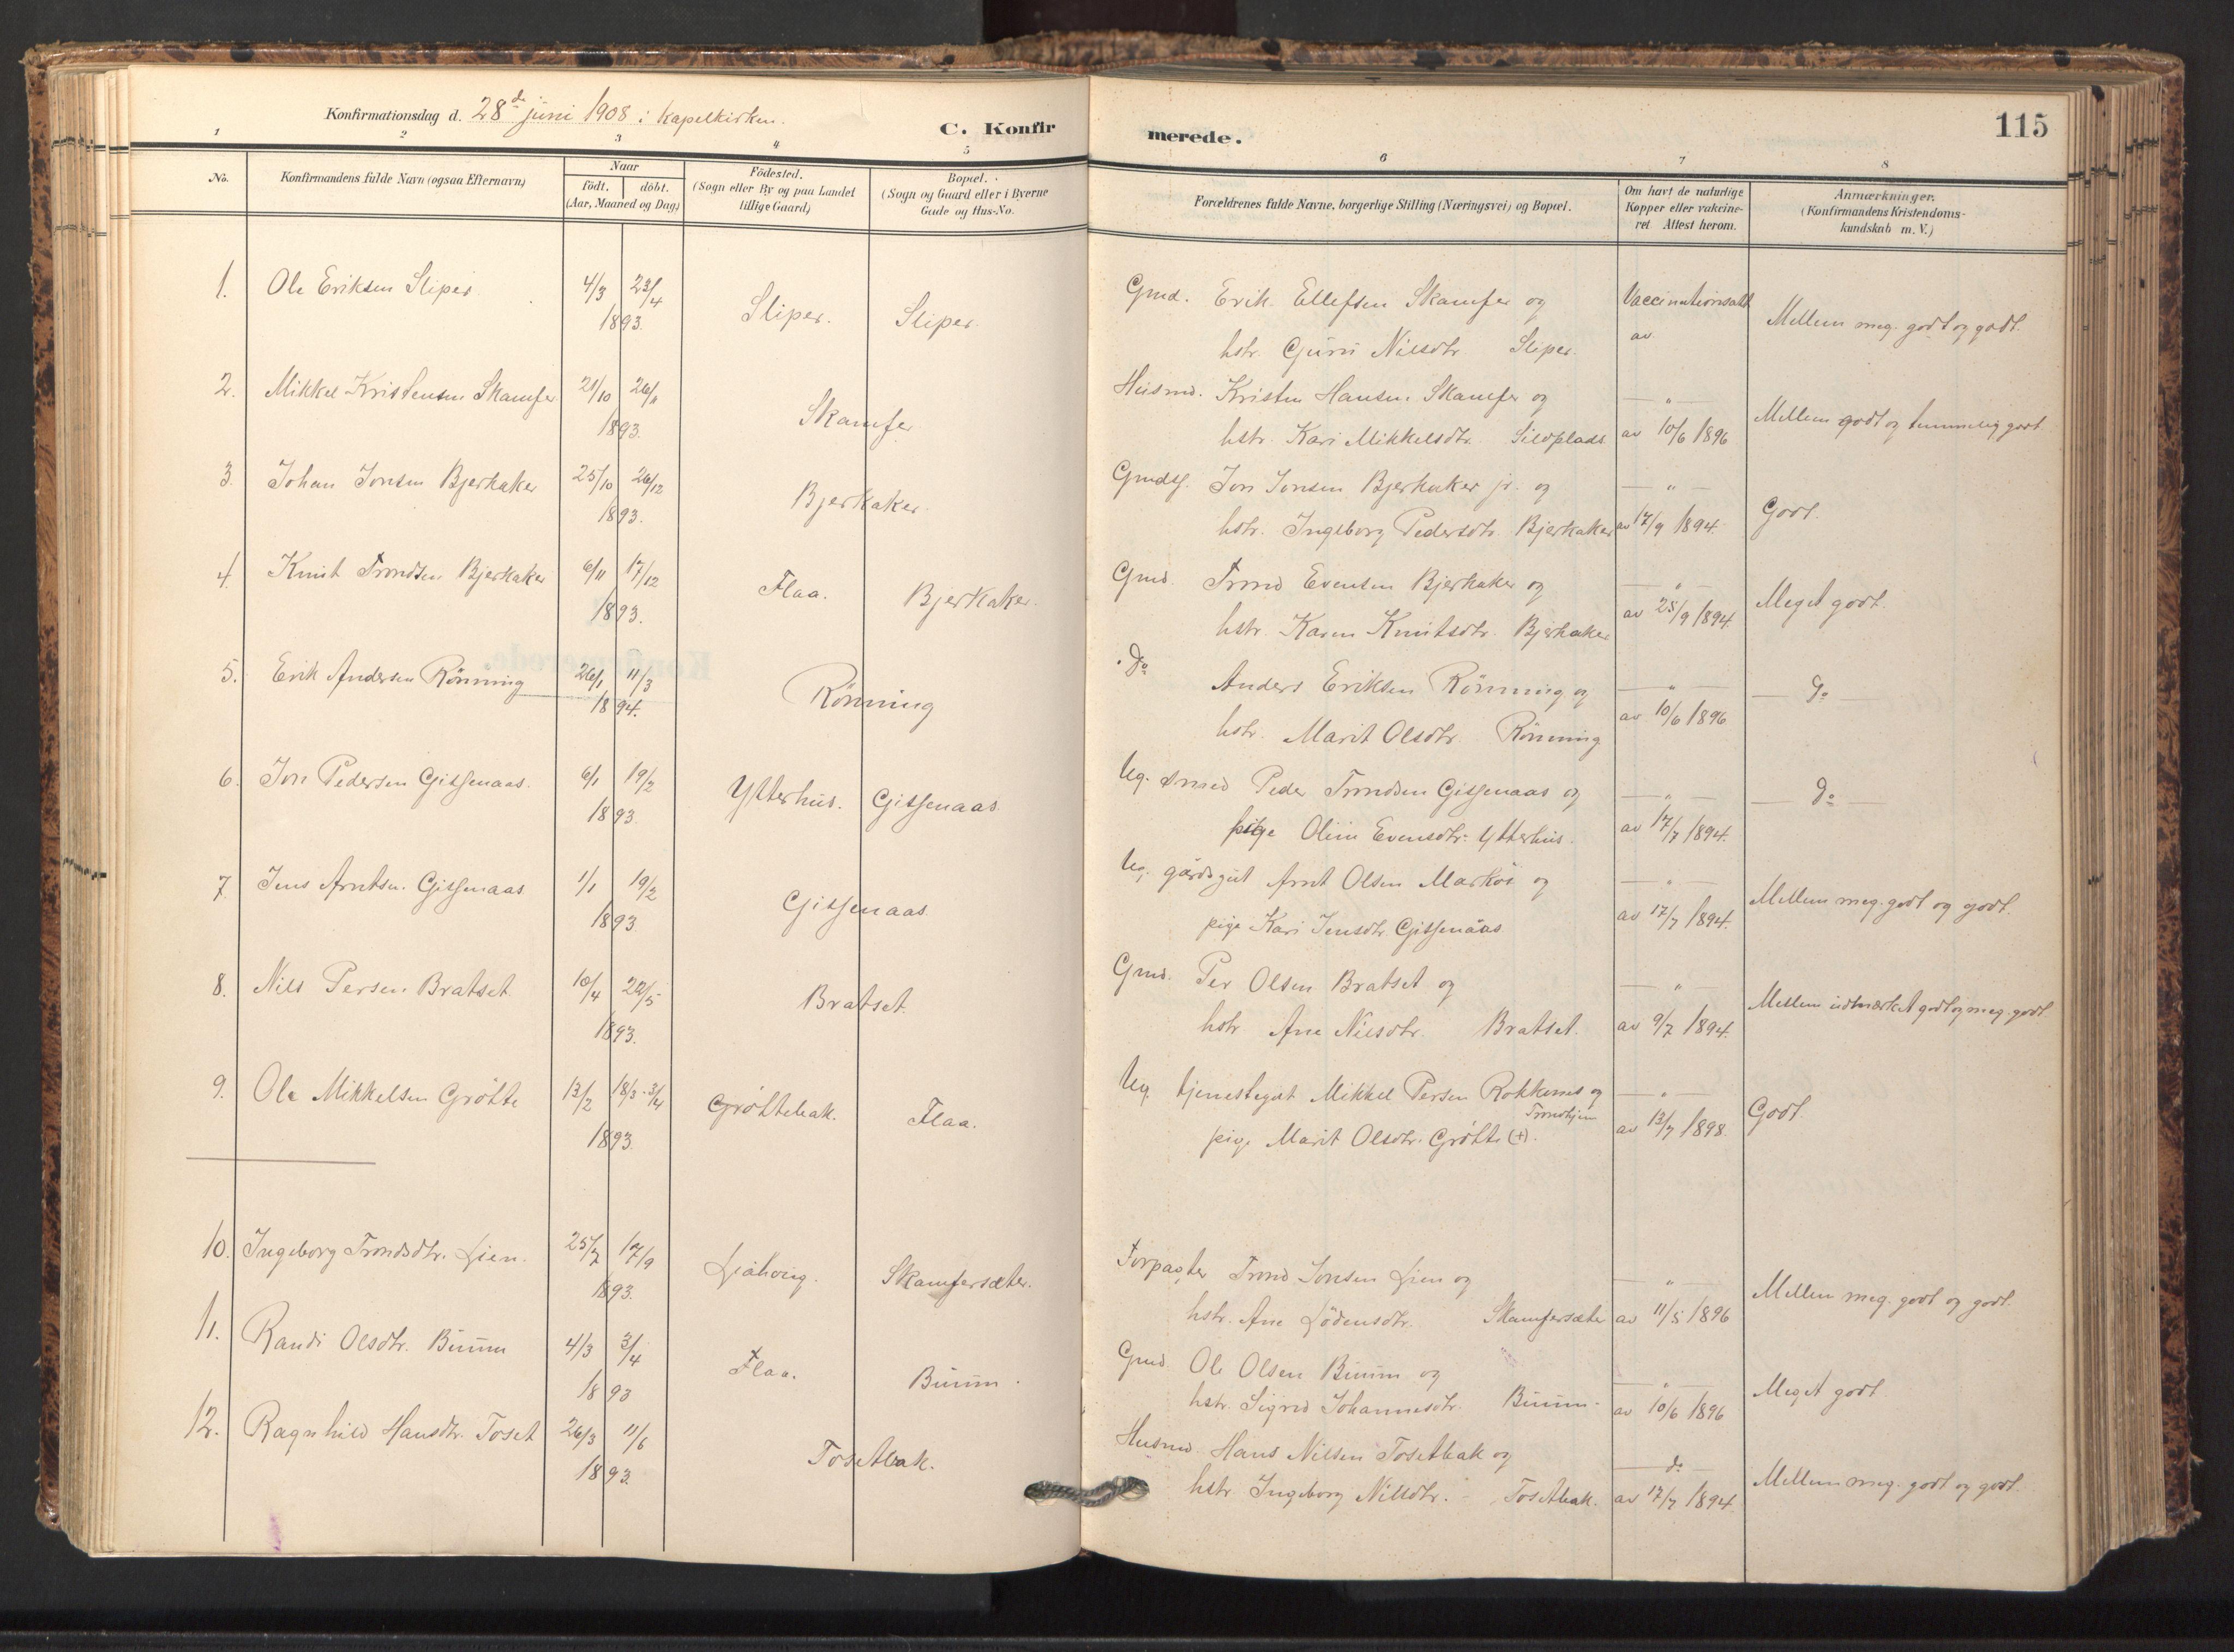 SAT, Ministerialprotokoller, klokkerbøker og fødselsregistre - Sør-Trøndelag, 674/L0873: Ministerialbok nr. 674A05, 1908-1923, s. 115